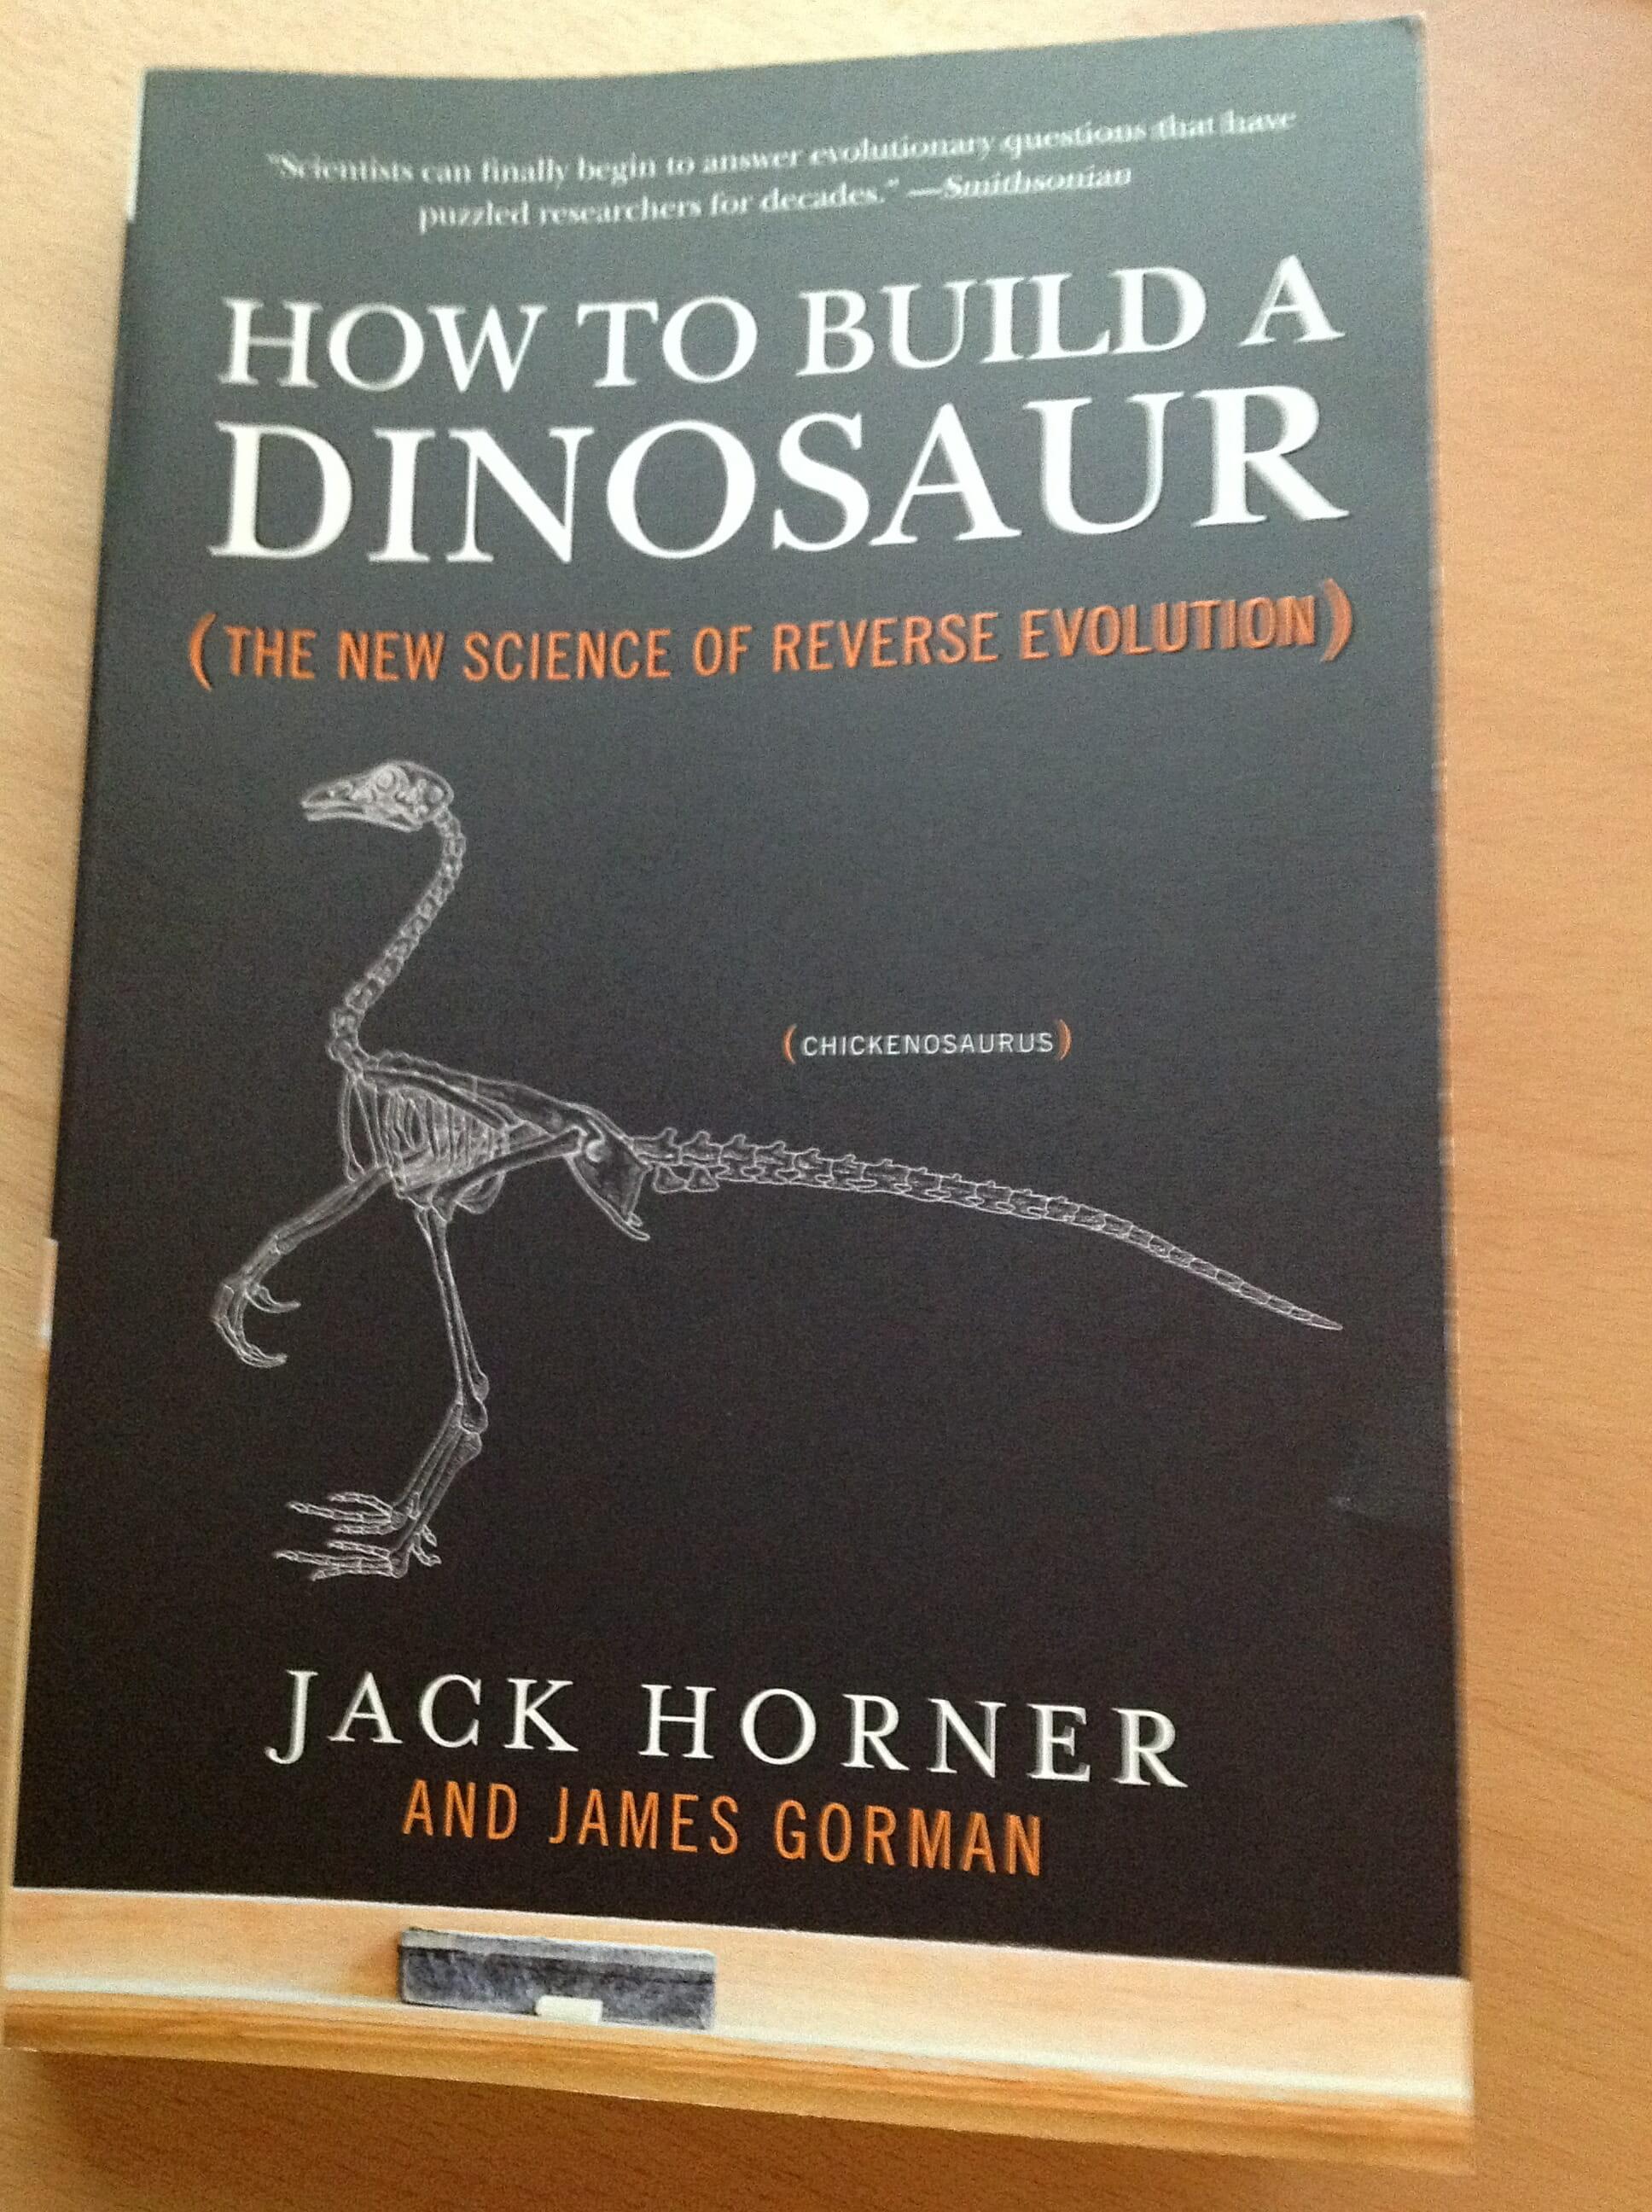 Jack Horner's Book